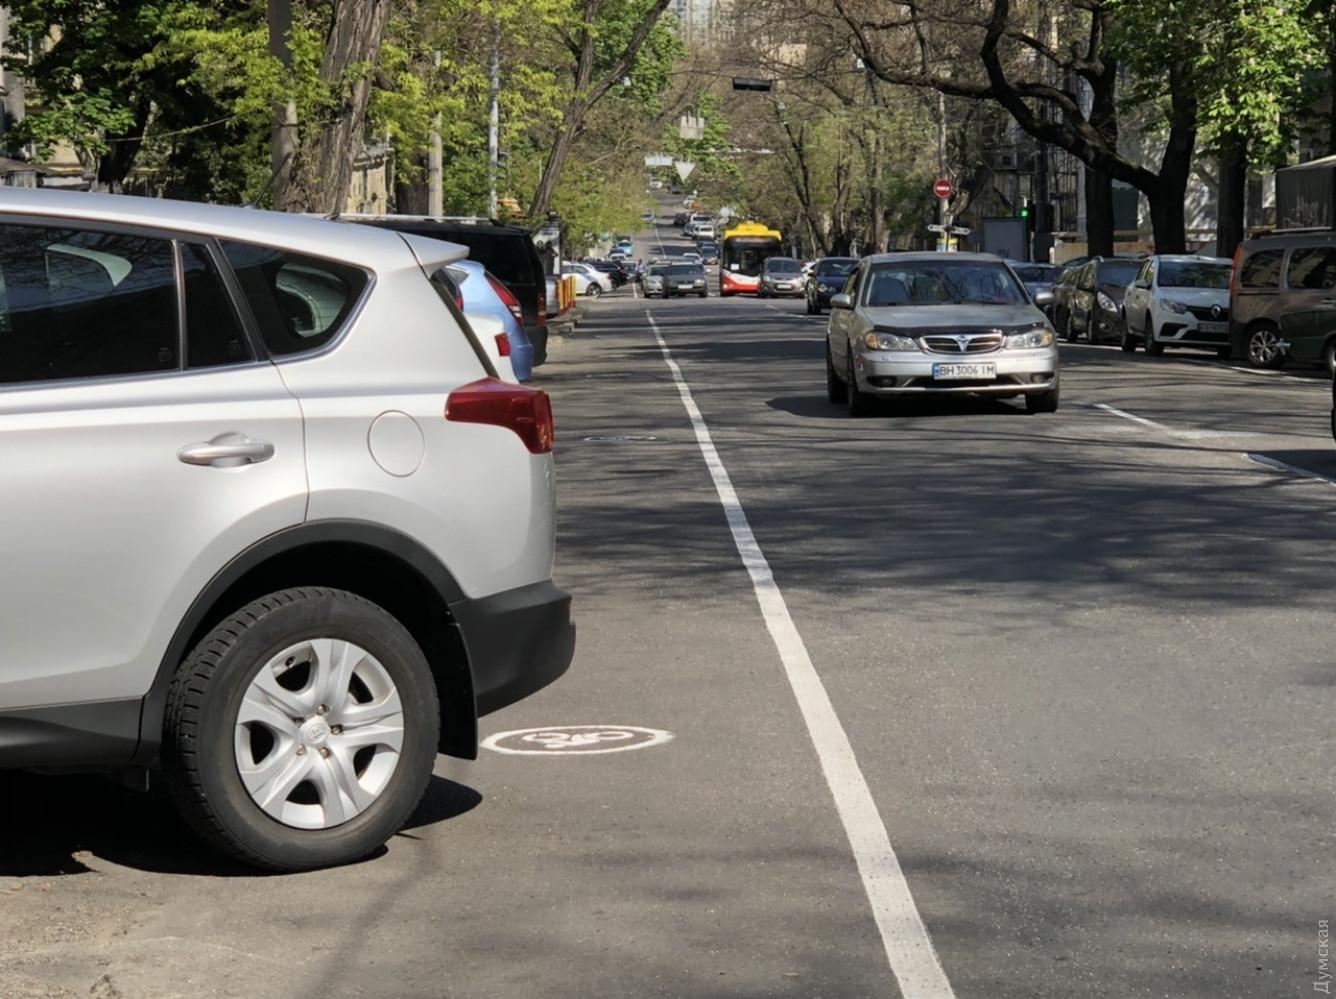 Велосипедисты едва могут протиснуться по дорожке из-за припаркованных машин